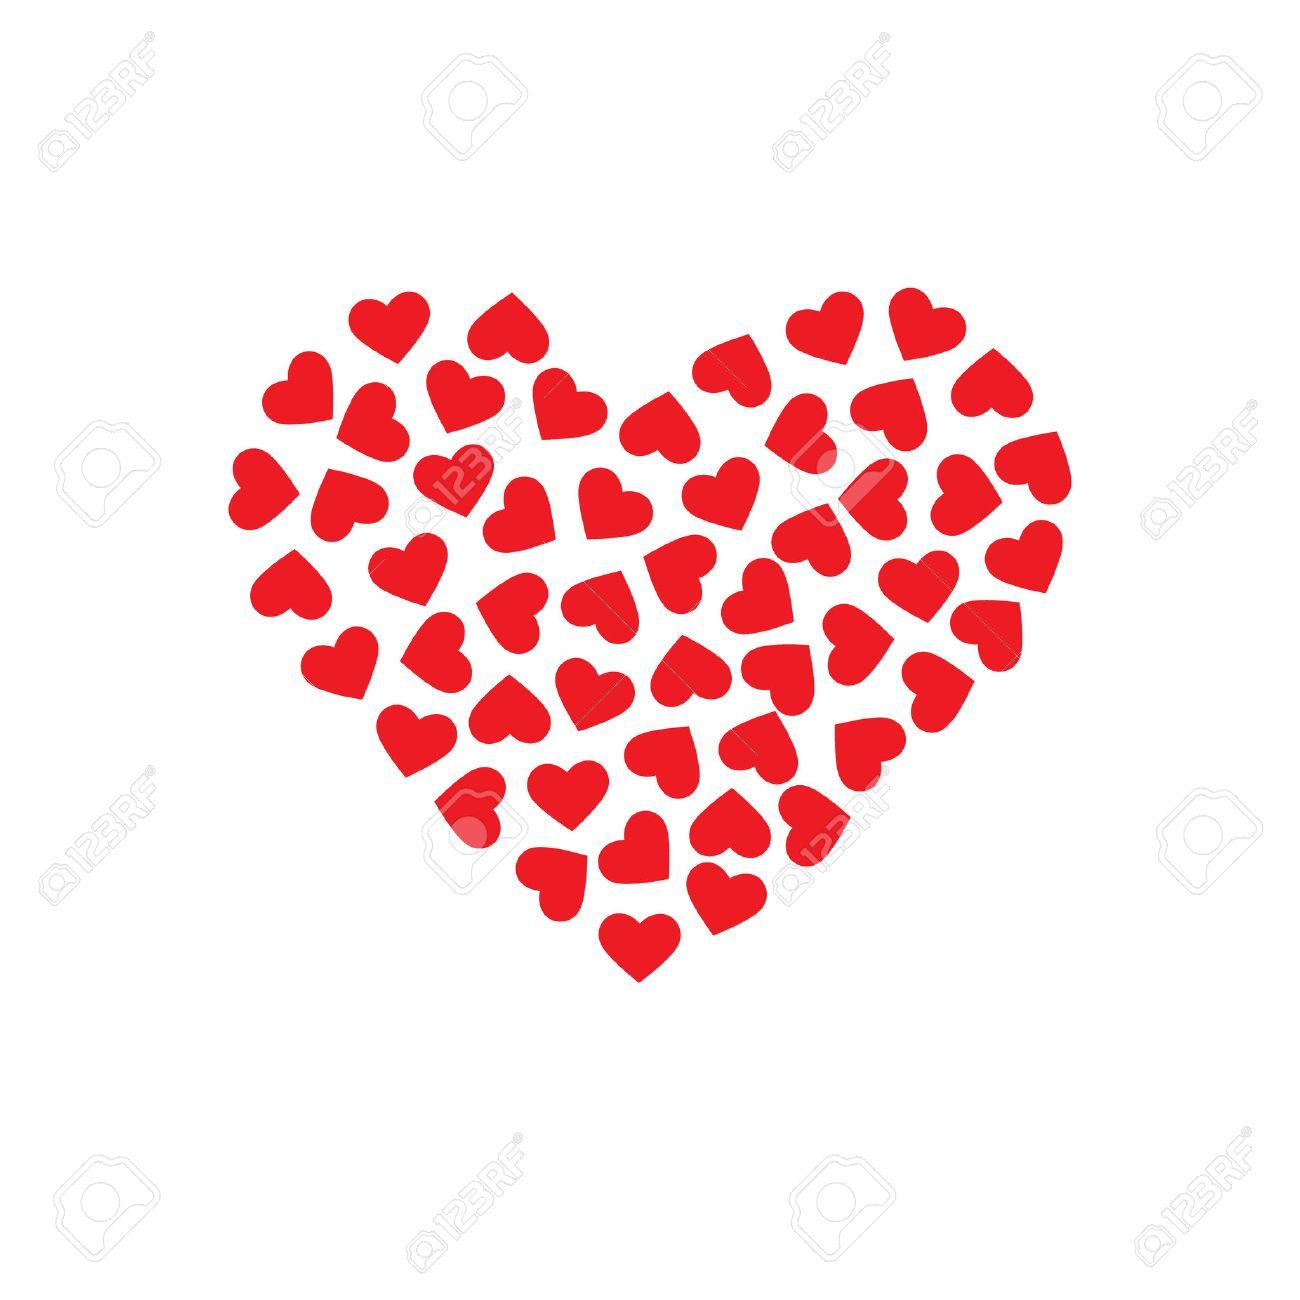 Modelo De Los Corazones Que Forman Un Corazón Grande Vector De